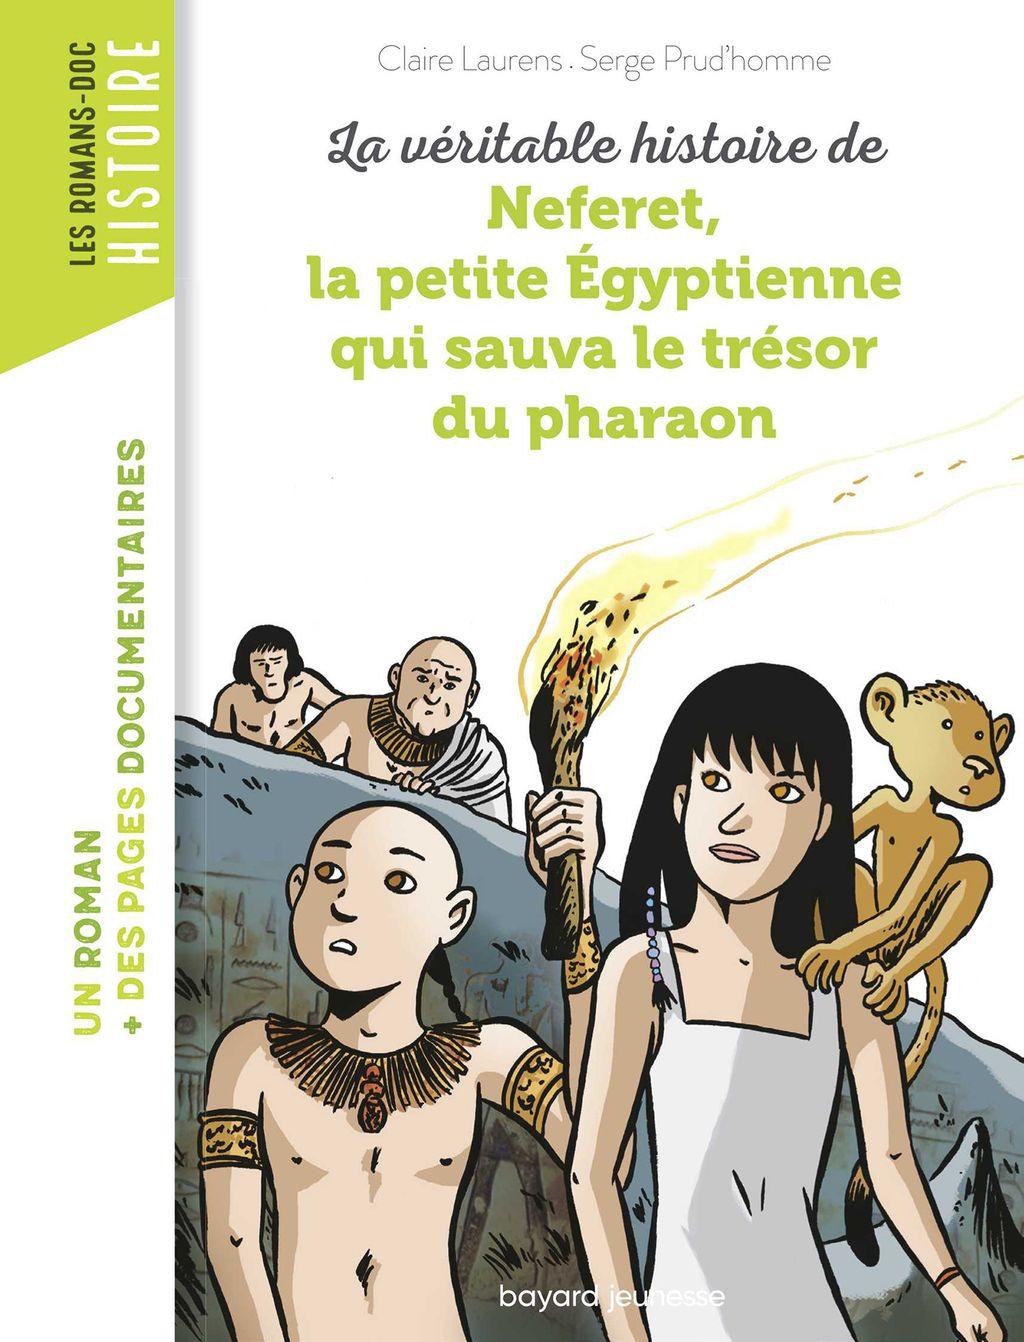 Couverture de «La véritable histoire de Neferet, la petite Égyptienne qui sauva le trésor du pharaon»